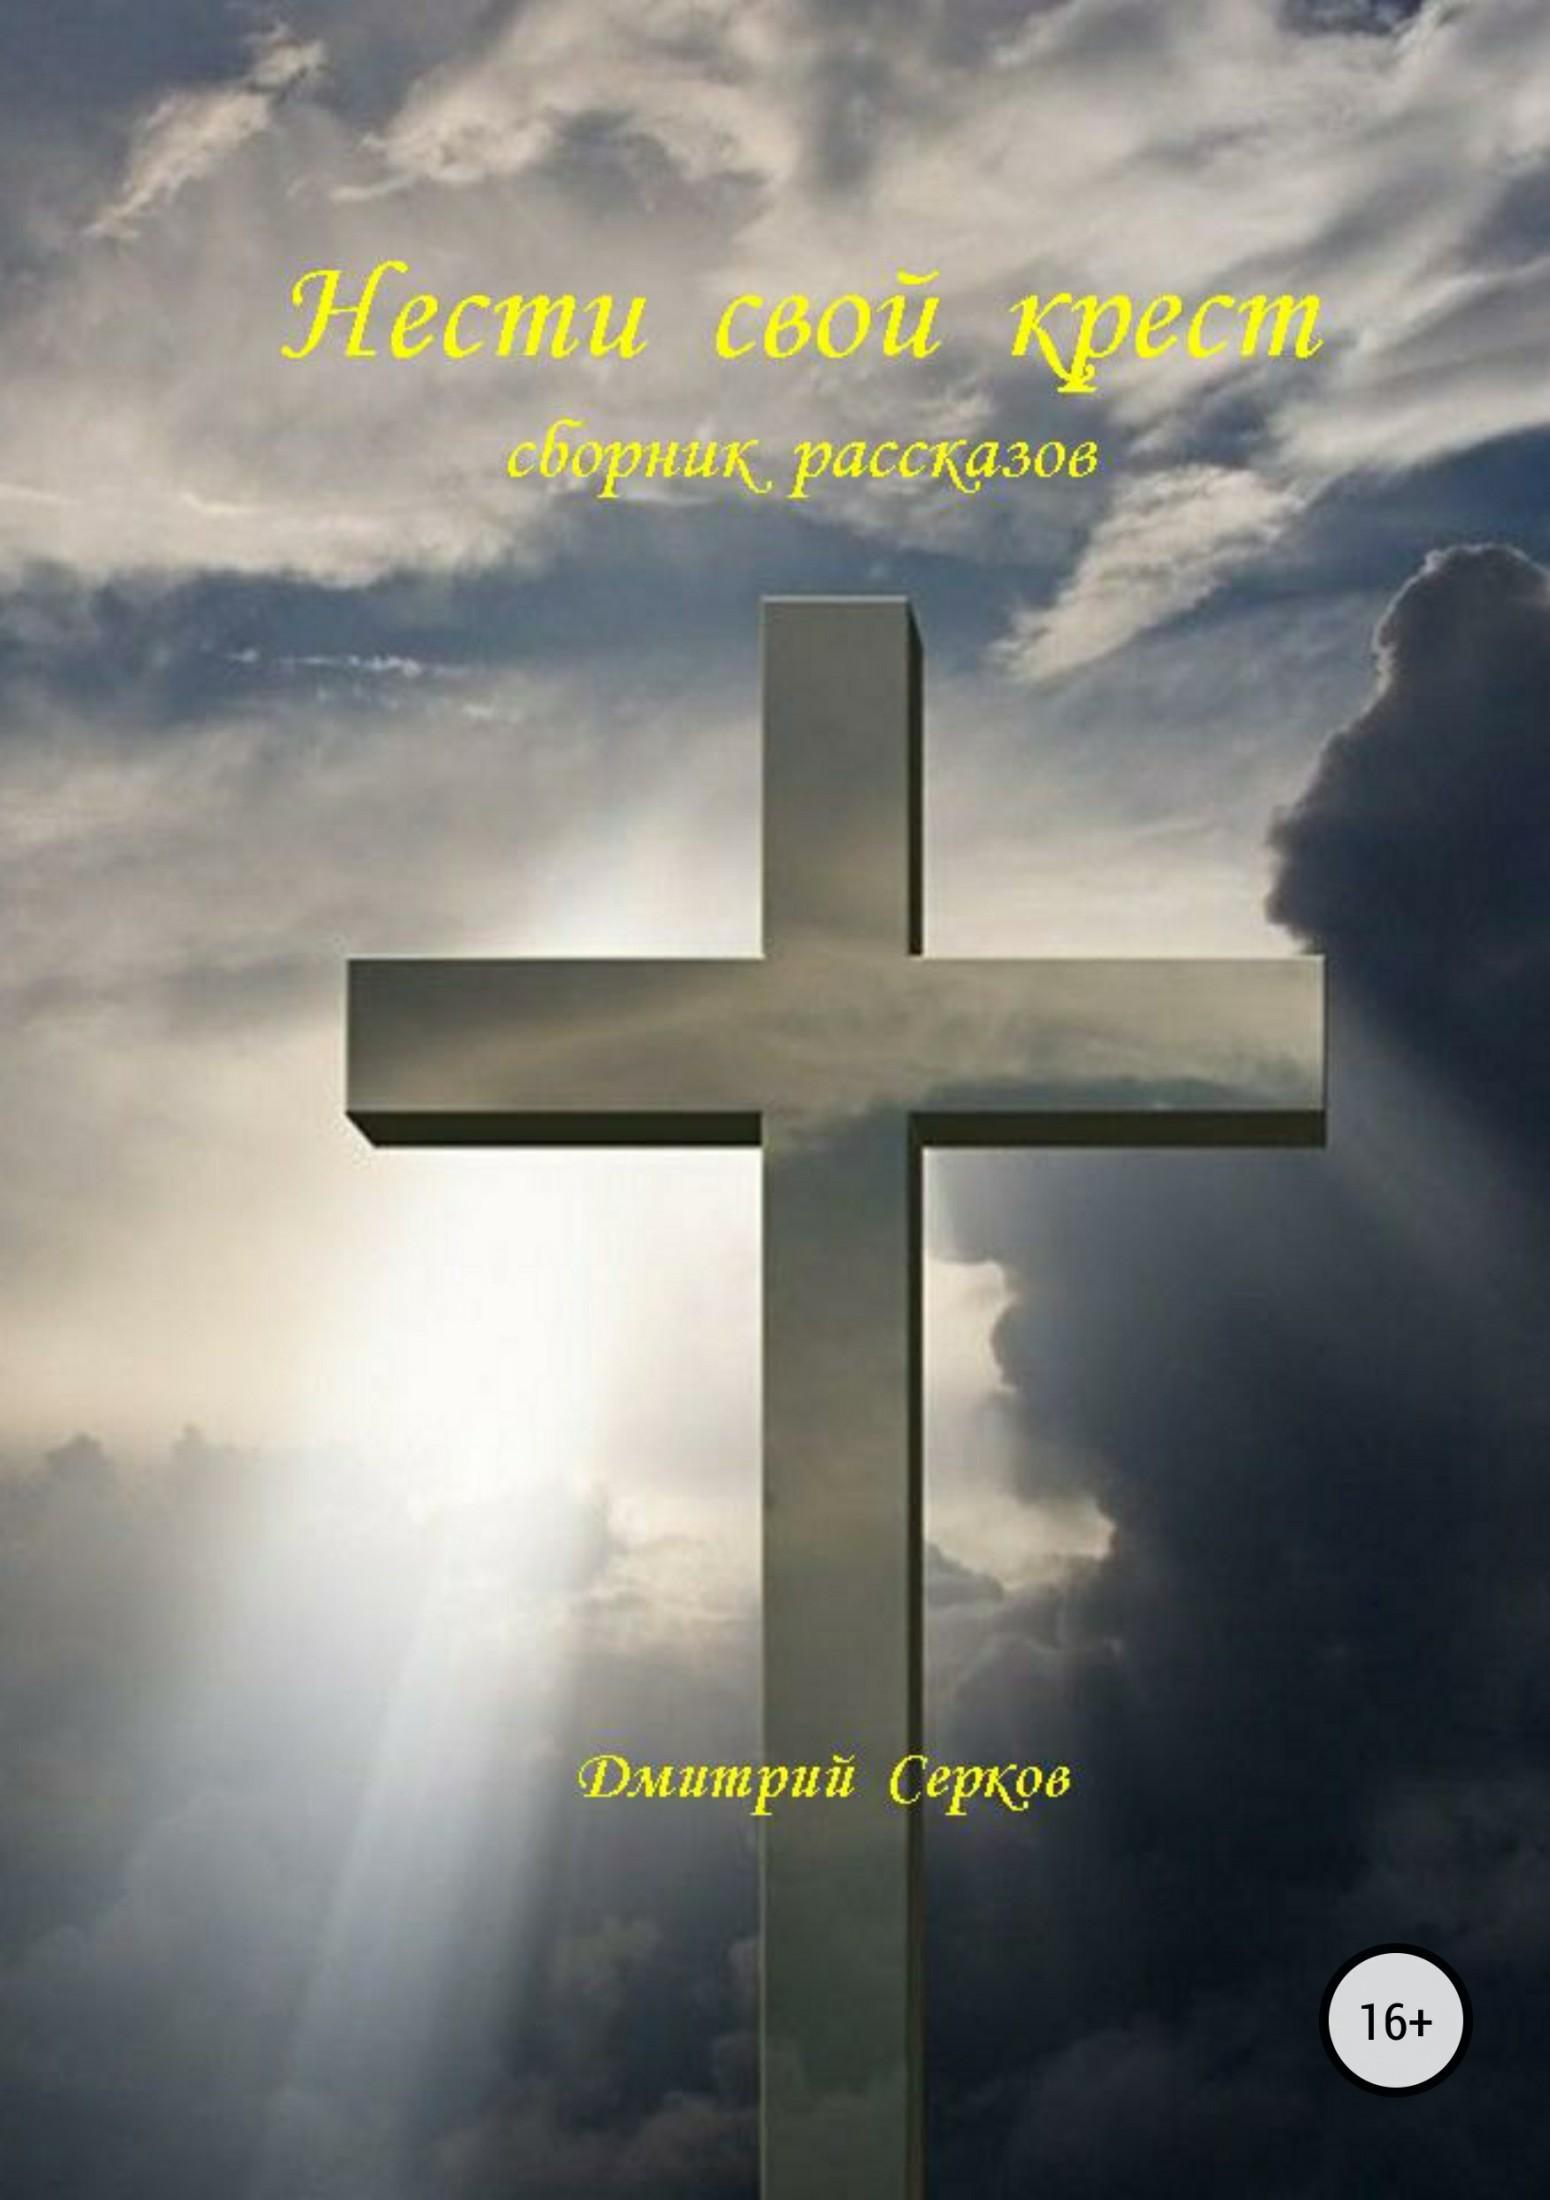 Дмитрий Серков Нести свой крест. Сборник рассказов дмитрий бирман странные люди сборник